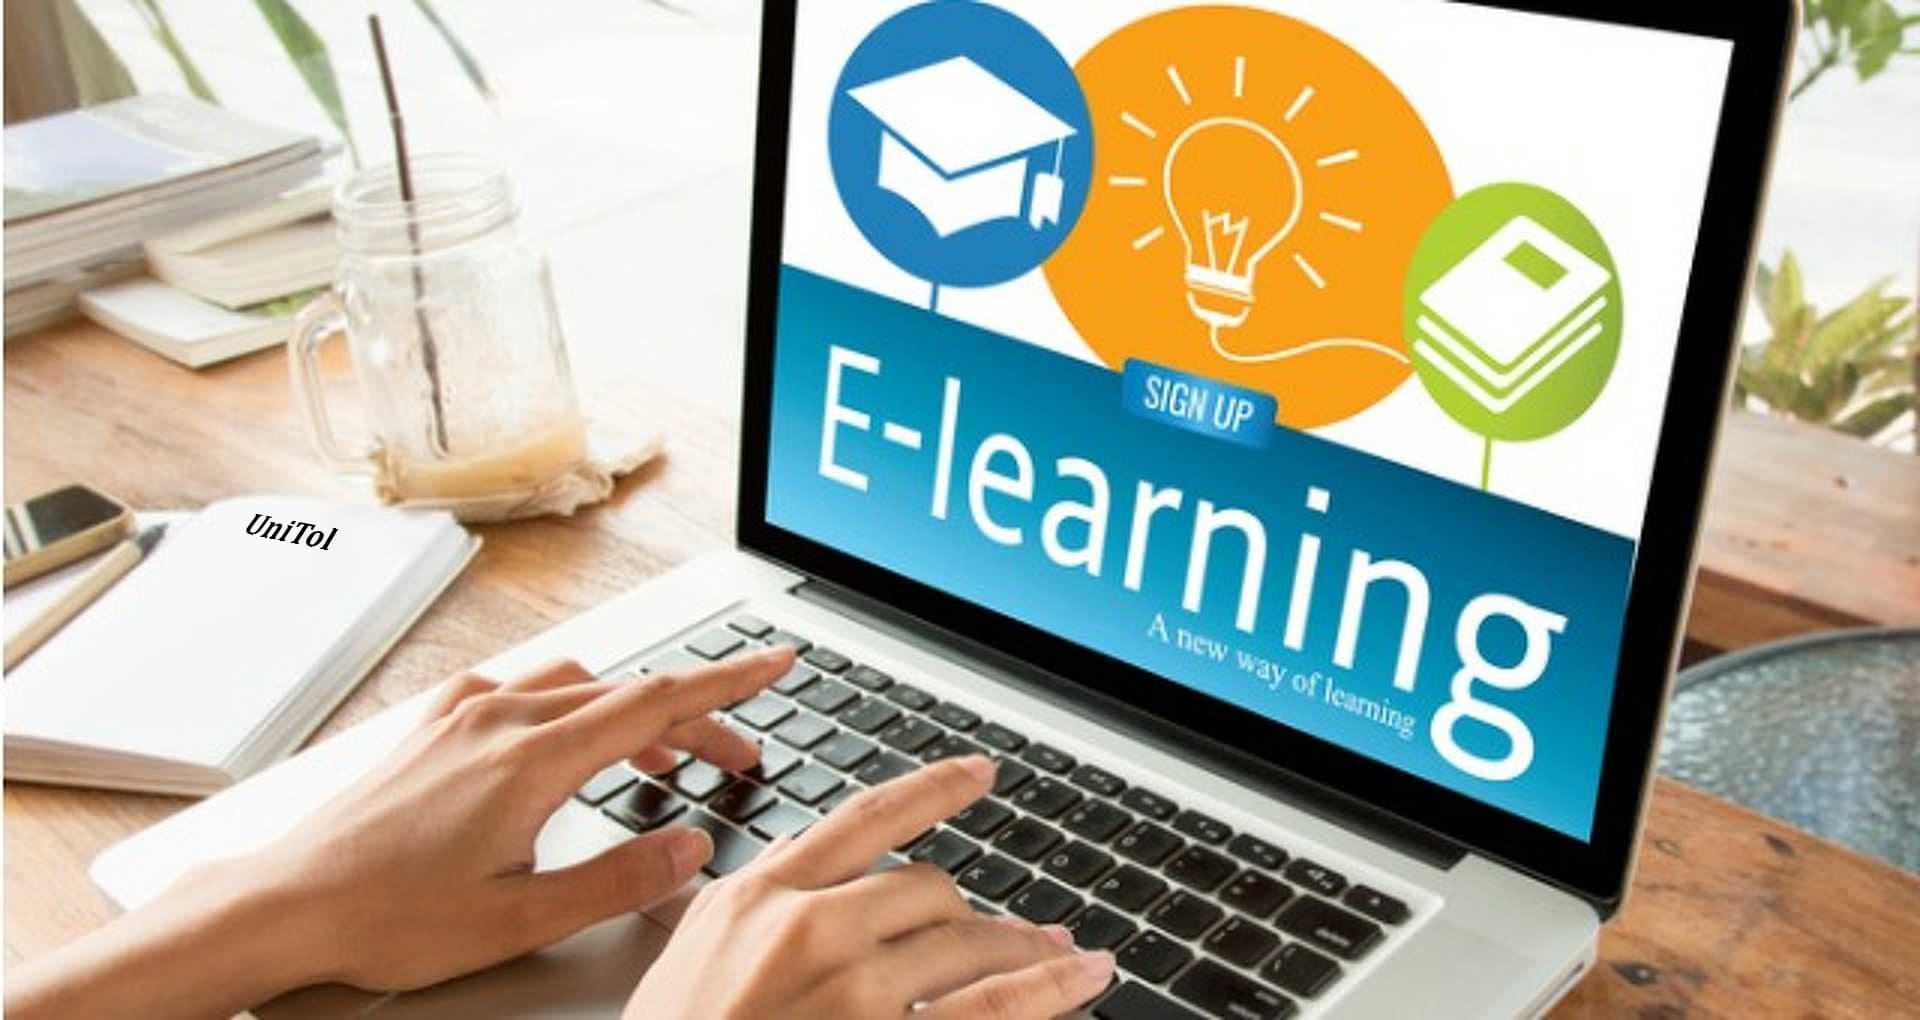 e_learningimg